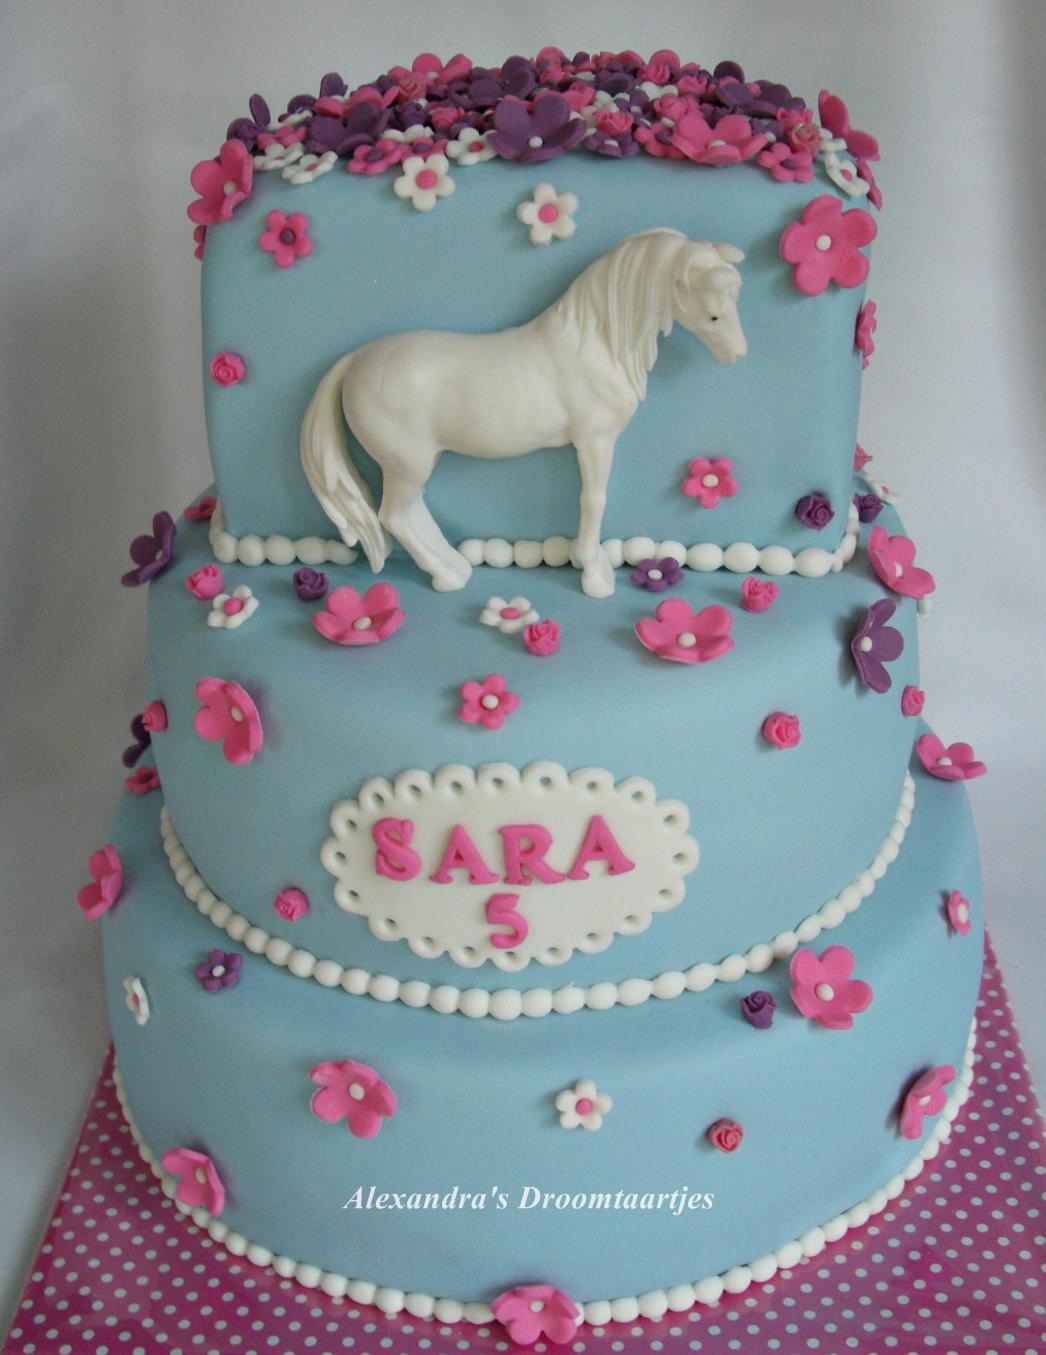 Zeer Paarden taart / horse cake | Alexandra's droomtaartjes &NM82